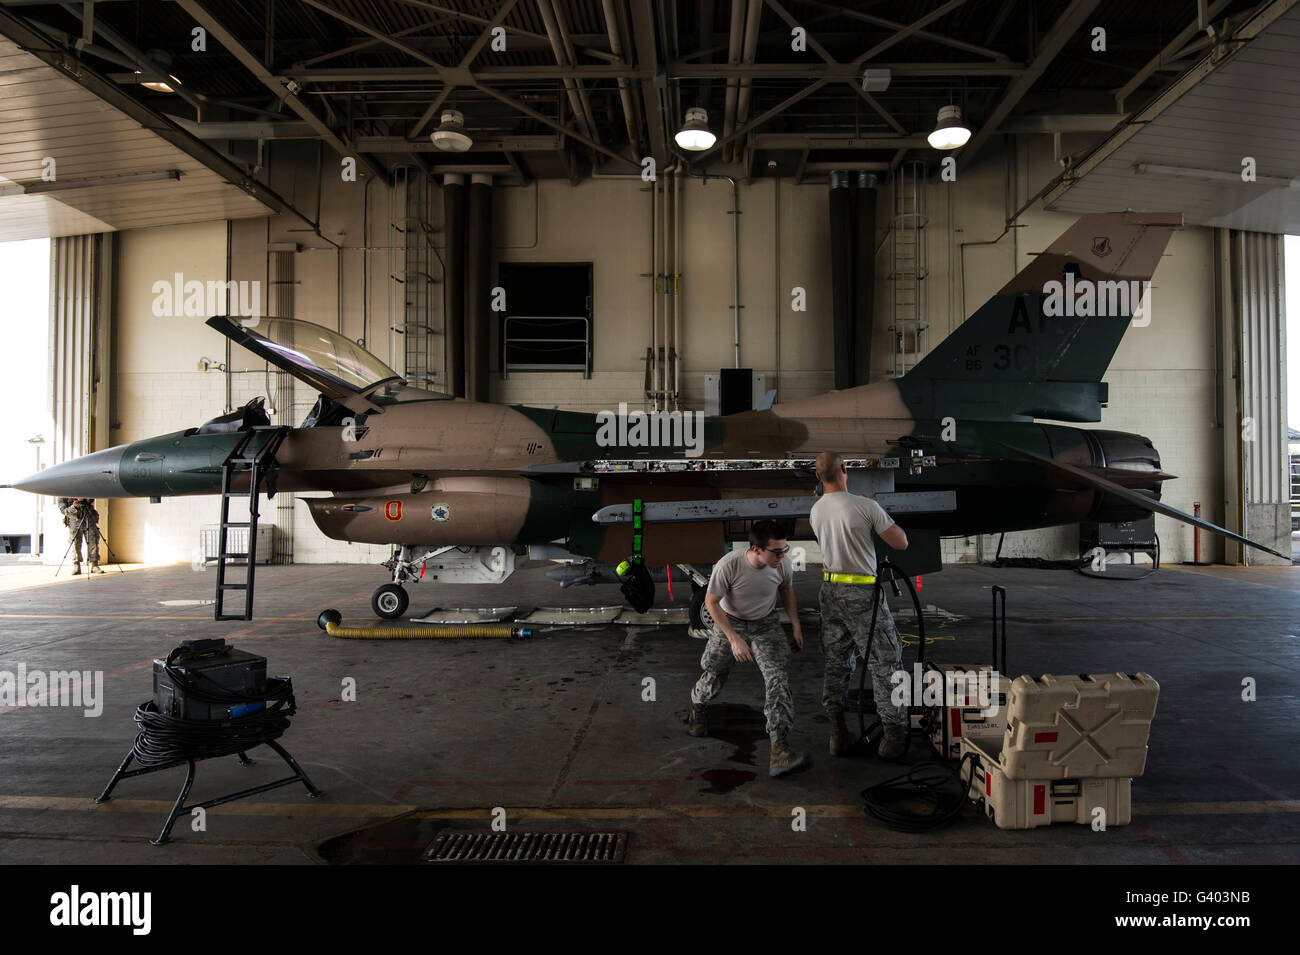 Réparation de systèmes d'armes les aviateurs sur un F-16C Fighting Falcon. Banque D'Images